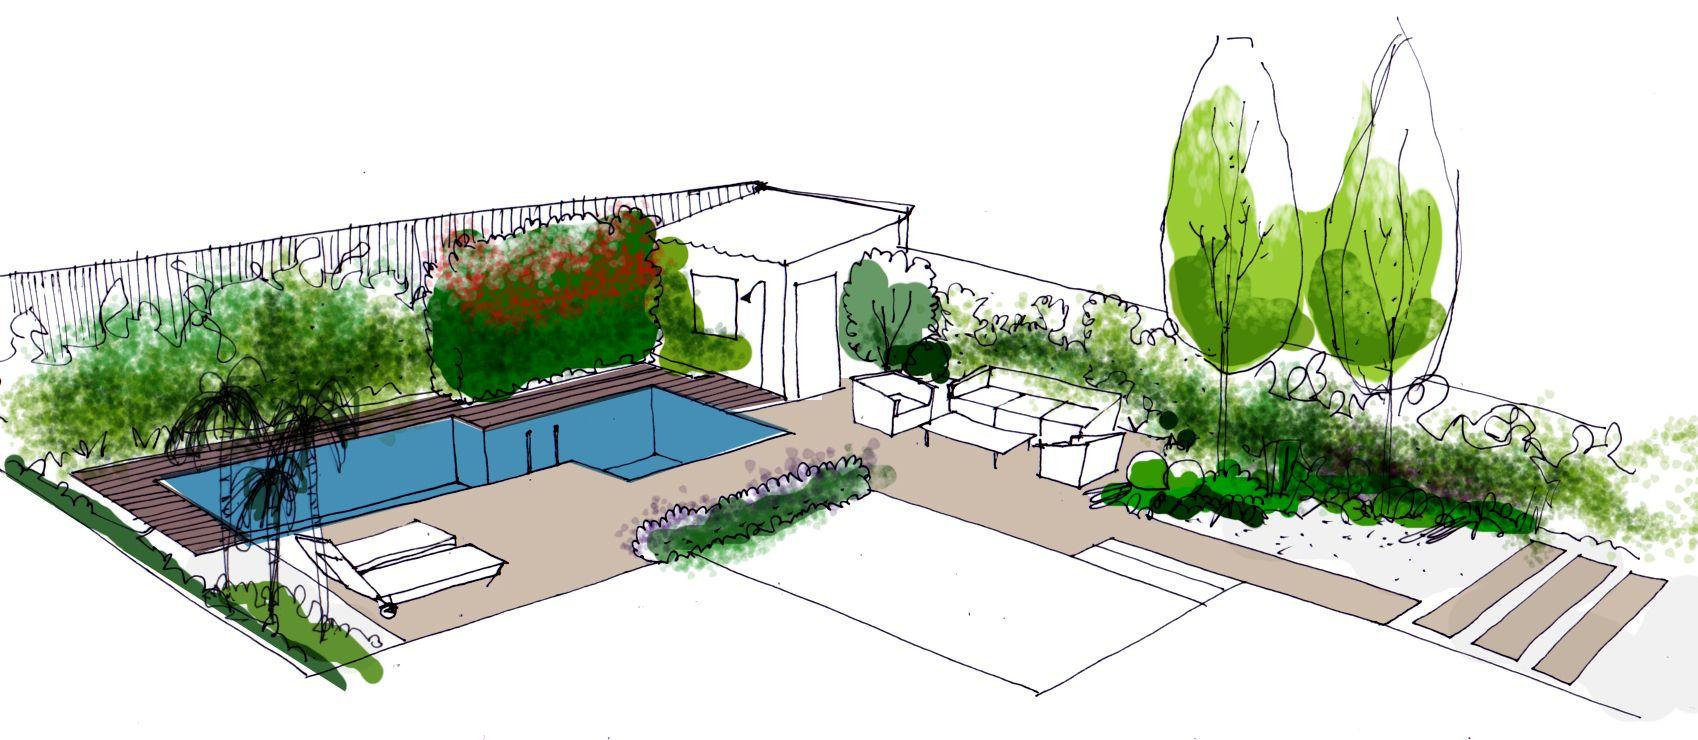 Dise o para un jard n con piscina y nuevas zonas - Jardines con piscinas ...